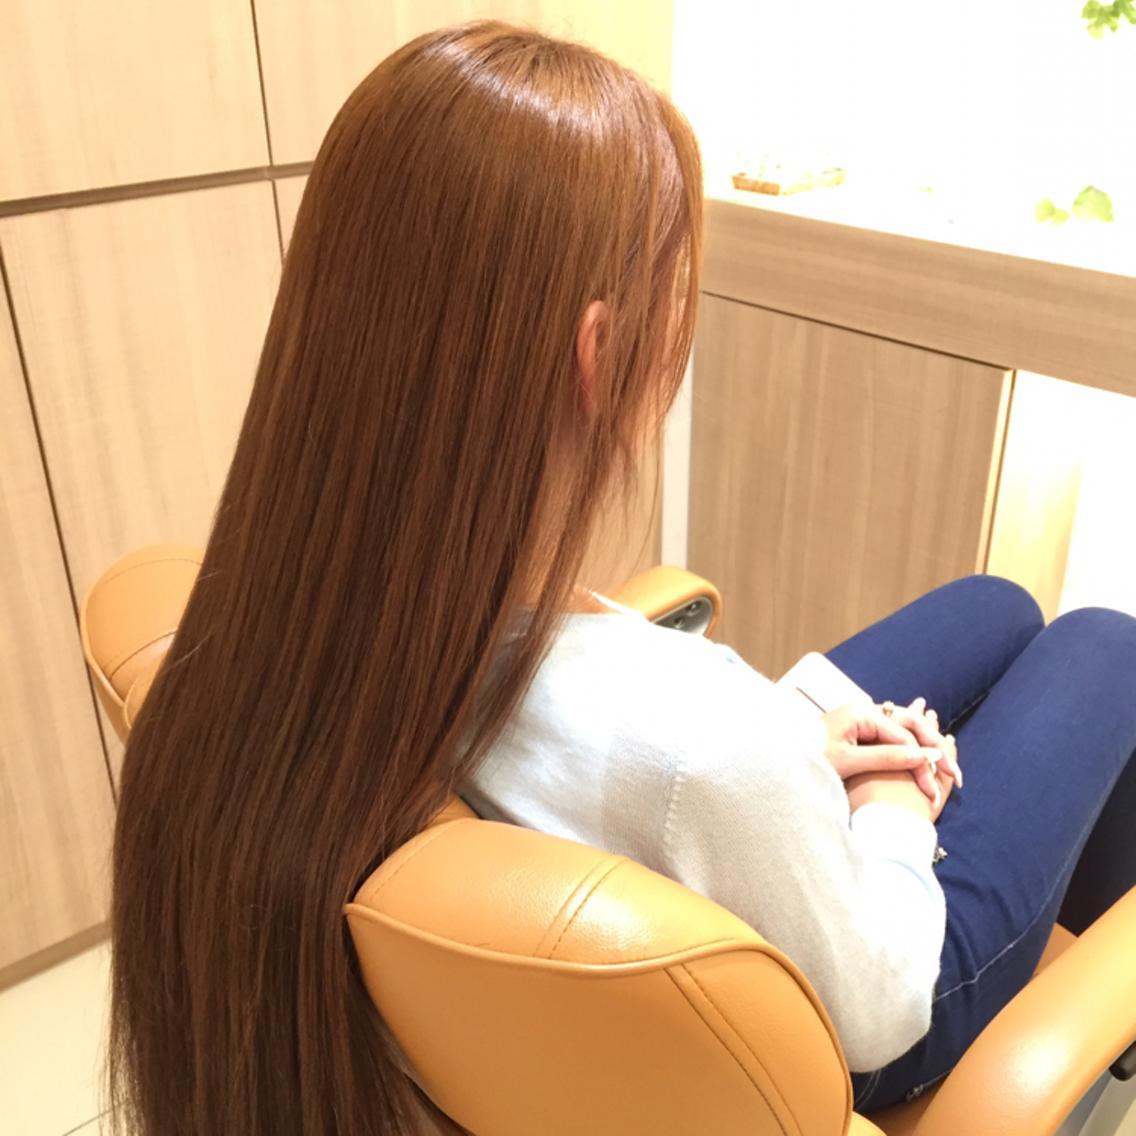 ダブルカラー・ハイトーンカラー・縮毛矯正モデル募集中